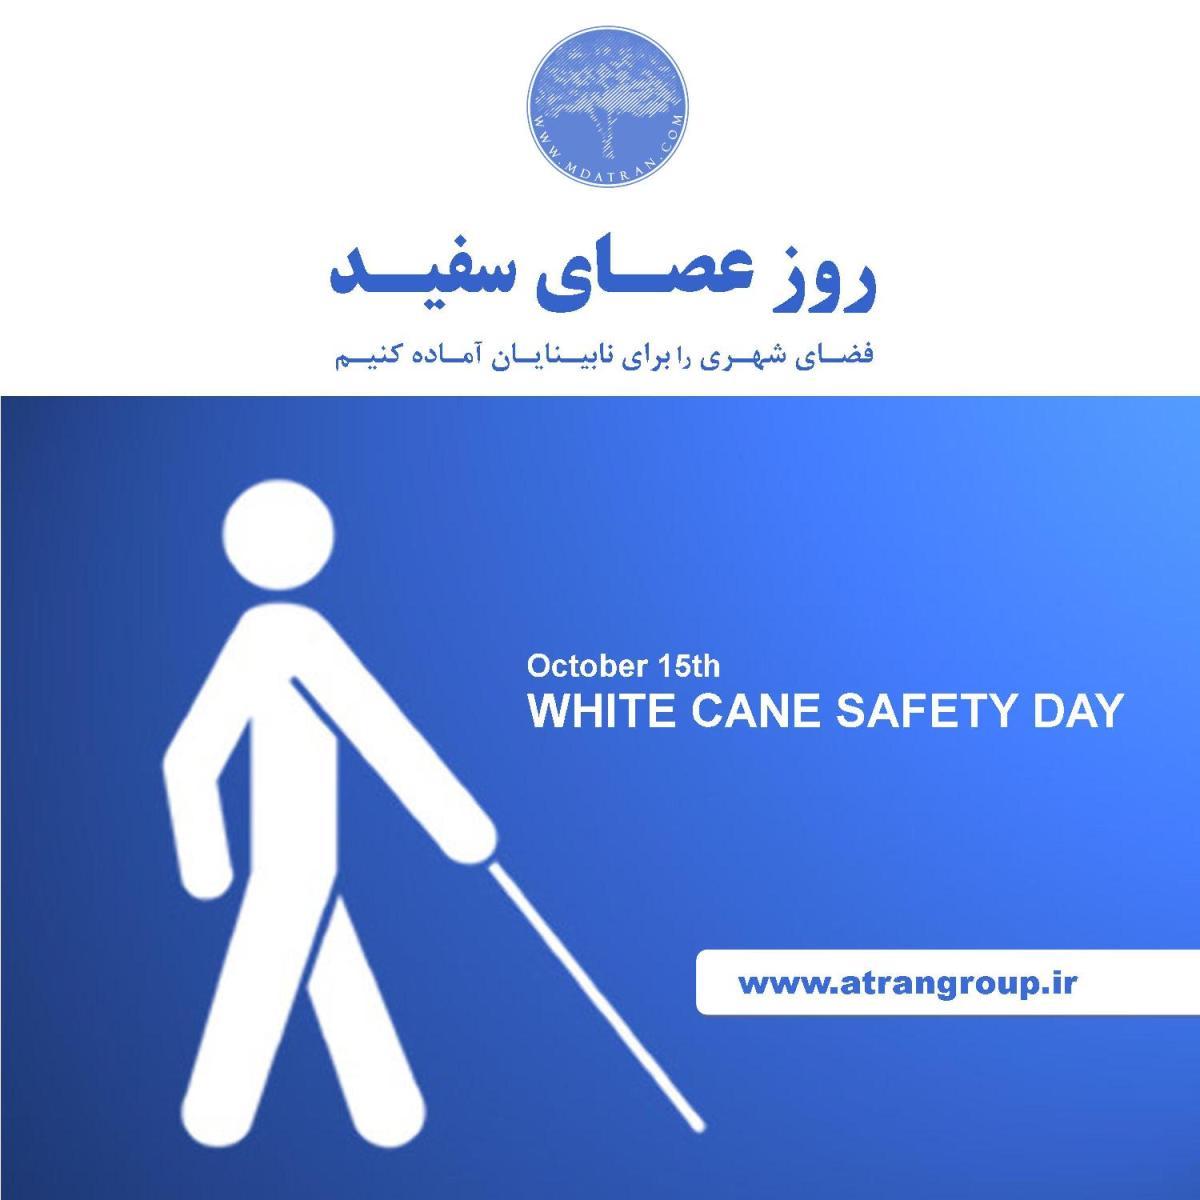 گروه عطران  15 اکتبر روز عصای سفید روز حمایت از نابینا یان؛ ناتوانان عضوی از جامعه- دلسوزی ممنوع